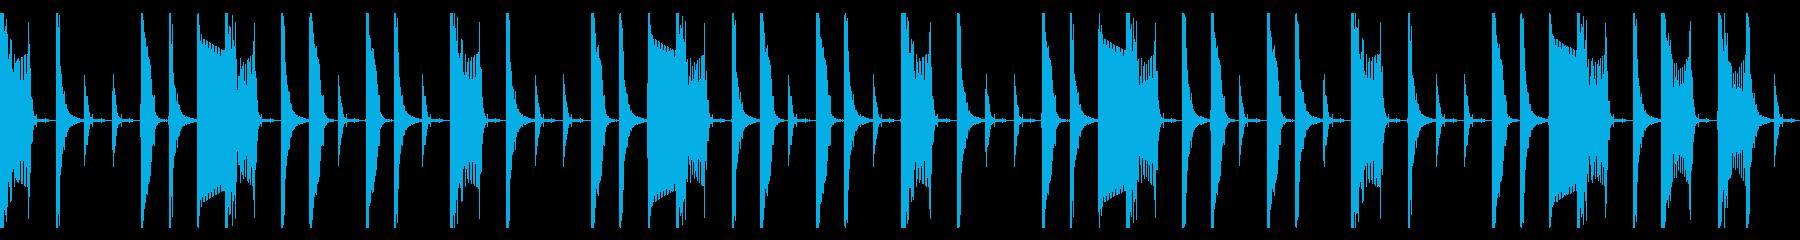 シンプルなラップビートの再生済みの波形